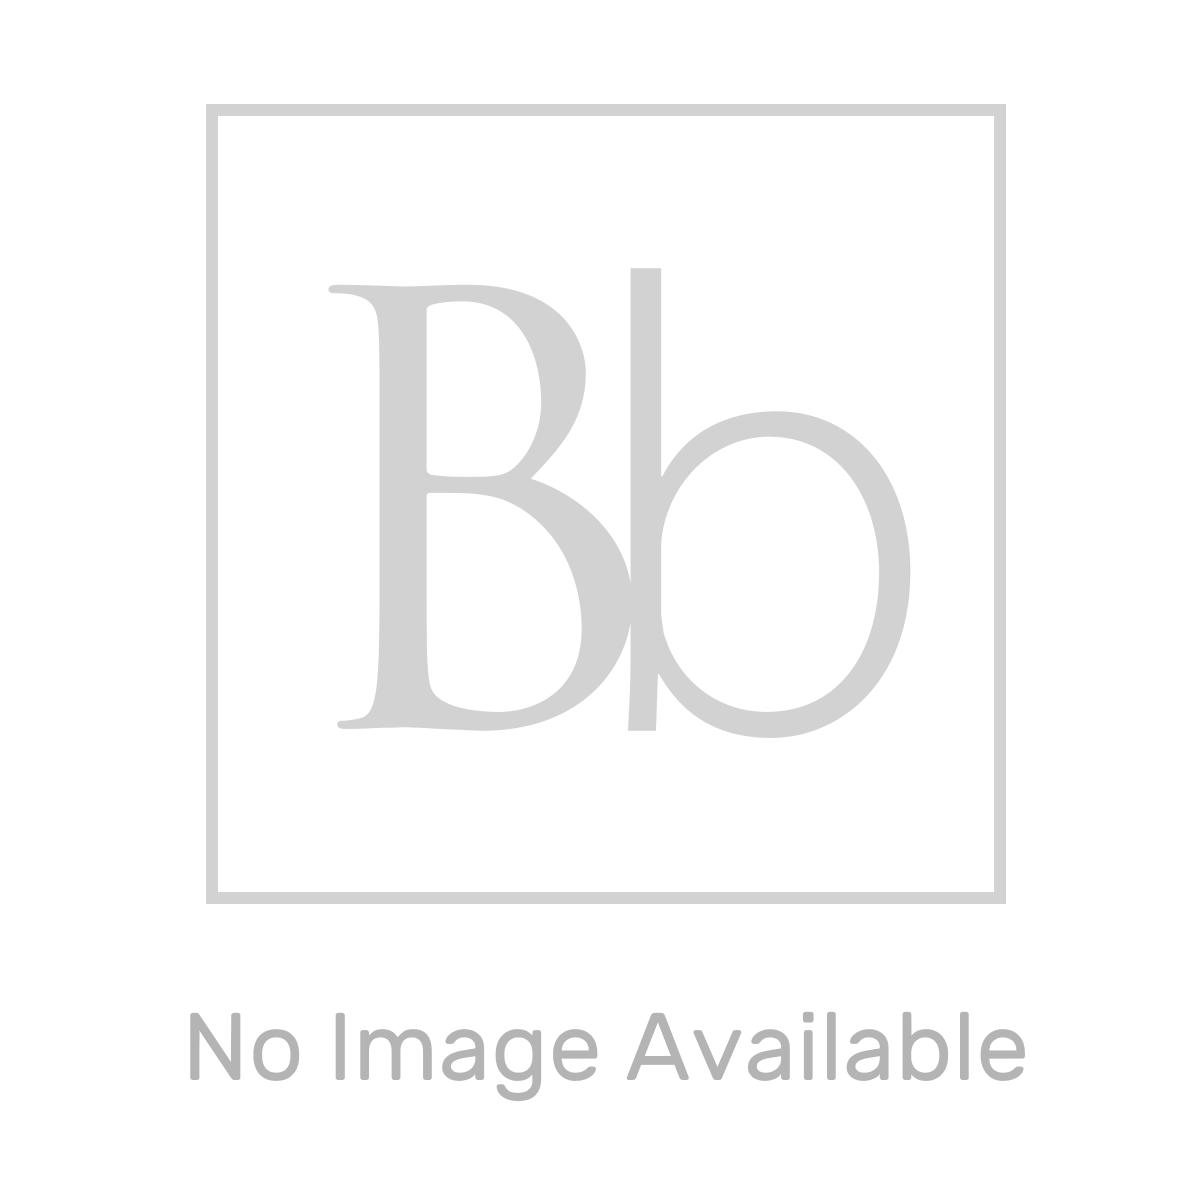 Premier Pacific Bi-Fold Shower Enclosure Dimensions